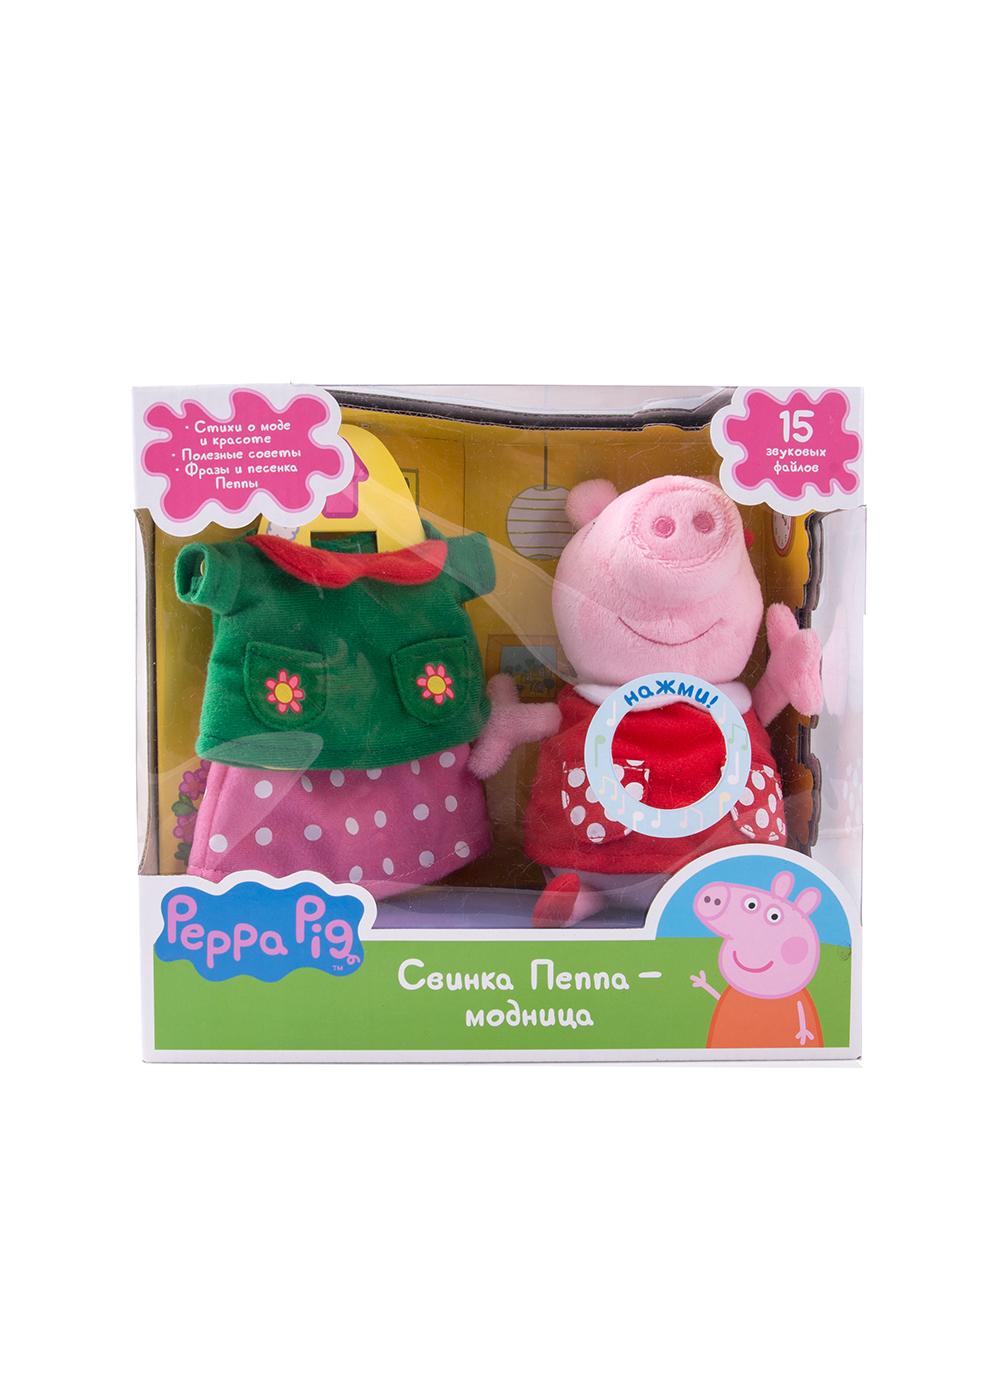 Peppa Pig Мягкая озвученная игрушка Пеппа модница 20 см31155Девочки обожают наряжаться, а также менять наряды на своих любимых игрушках, поэтому очаровательная Пеппа-модница восхитит любую малышку! Свинка Пеппа говорит смешные и обучающие фразы, рассказывает стихи о моде и красоте, дает полезные советы и поет песенку Радуга из мультфильма. Игра с такой очаровательной подругой заинтересует малютку и поможет ей развивать моторику, координацию движений, память, слуховое и тактильное восприятие, речь, воображение и многое другое. Игрушка с вышитыми глазками, носиком и ротиком качественно сшита из мягкого, приятного на ощупь плюша, плотно набита, работает от 3-х батареек типа AG13 или LR44 (в комплекте демонстрационные). 15 звуковых файлов: 4 фразы, 5 стихов, 5 полезных советов и песня. Пеппа одета в яркое красное платье с накладными кармашками, также в набор входят еще 2: зеленое и розовое. Товар сертифицирован. Упаковка - подарочная коробка с окном.